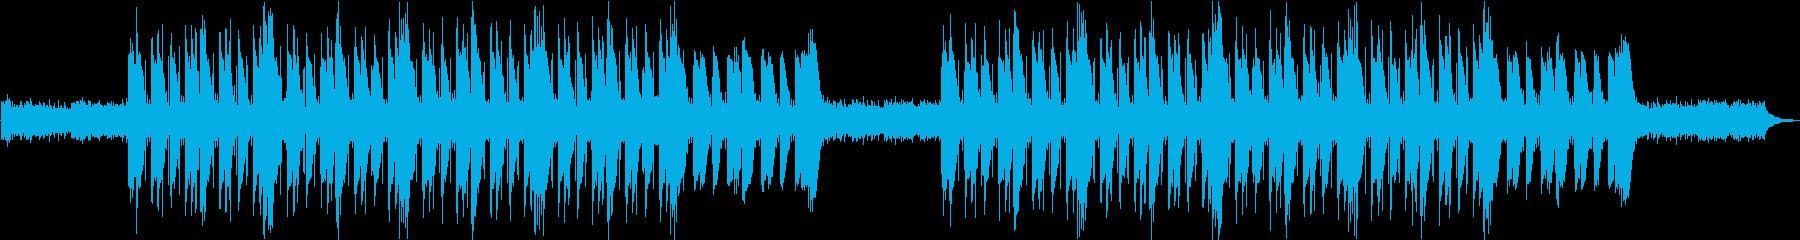 トラップ・暗い・ピアノ・コロナ・感傷的の再生済みの波形